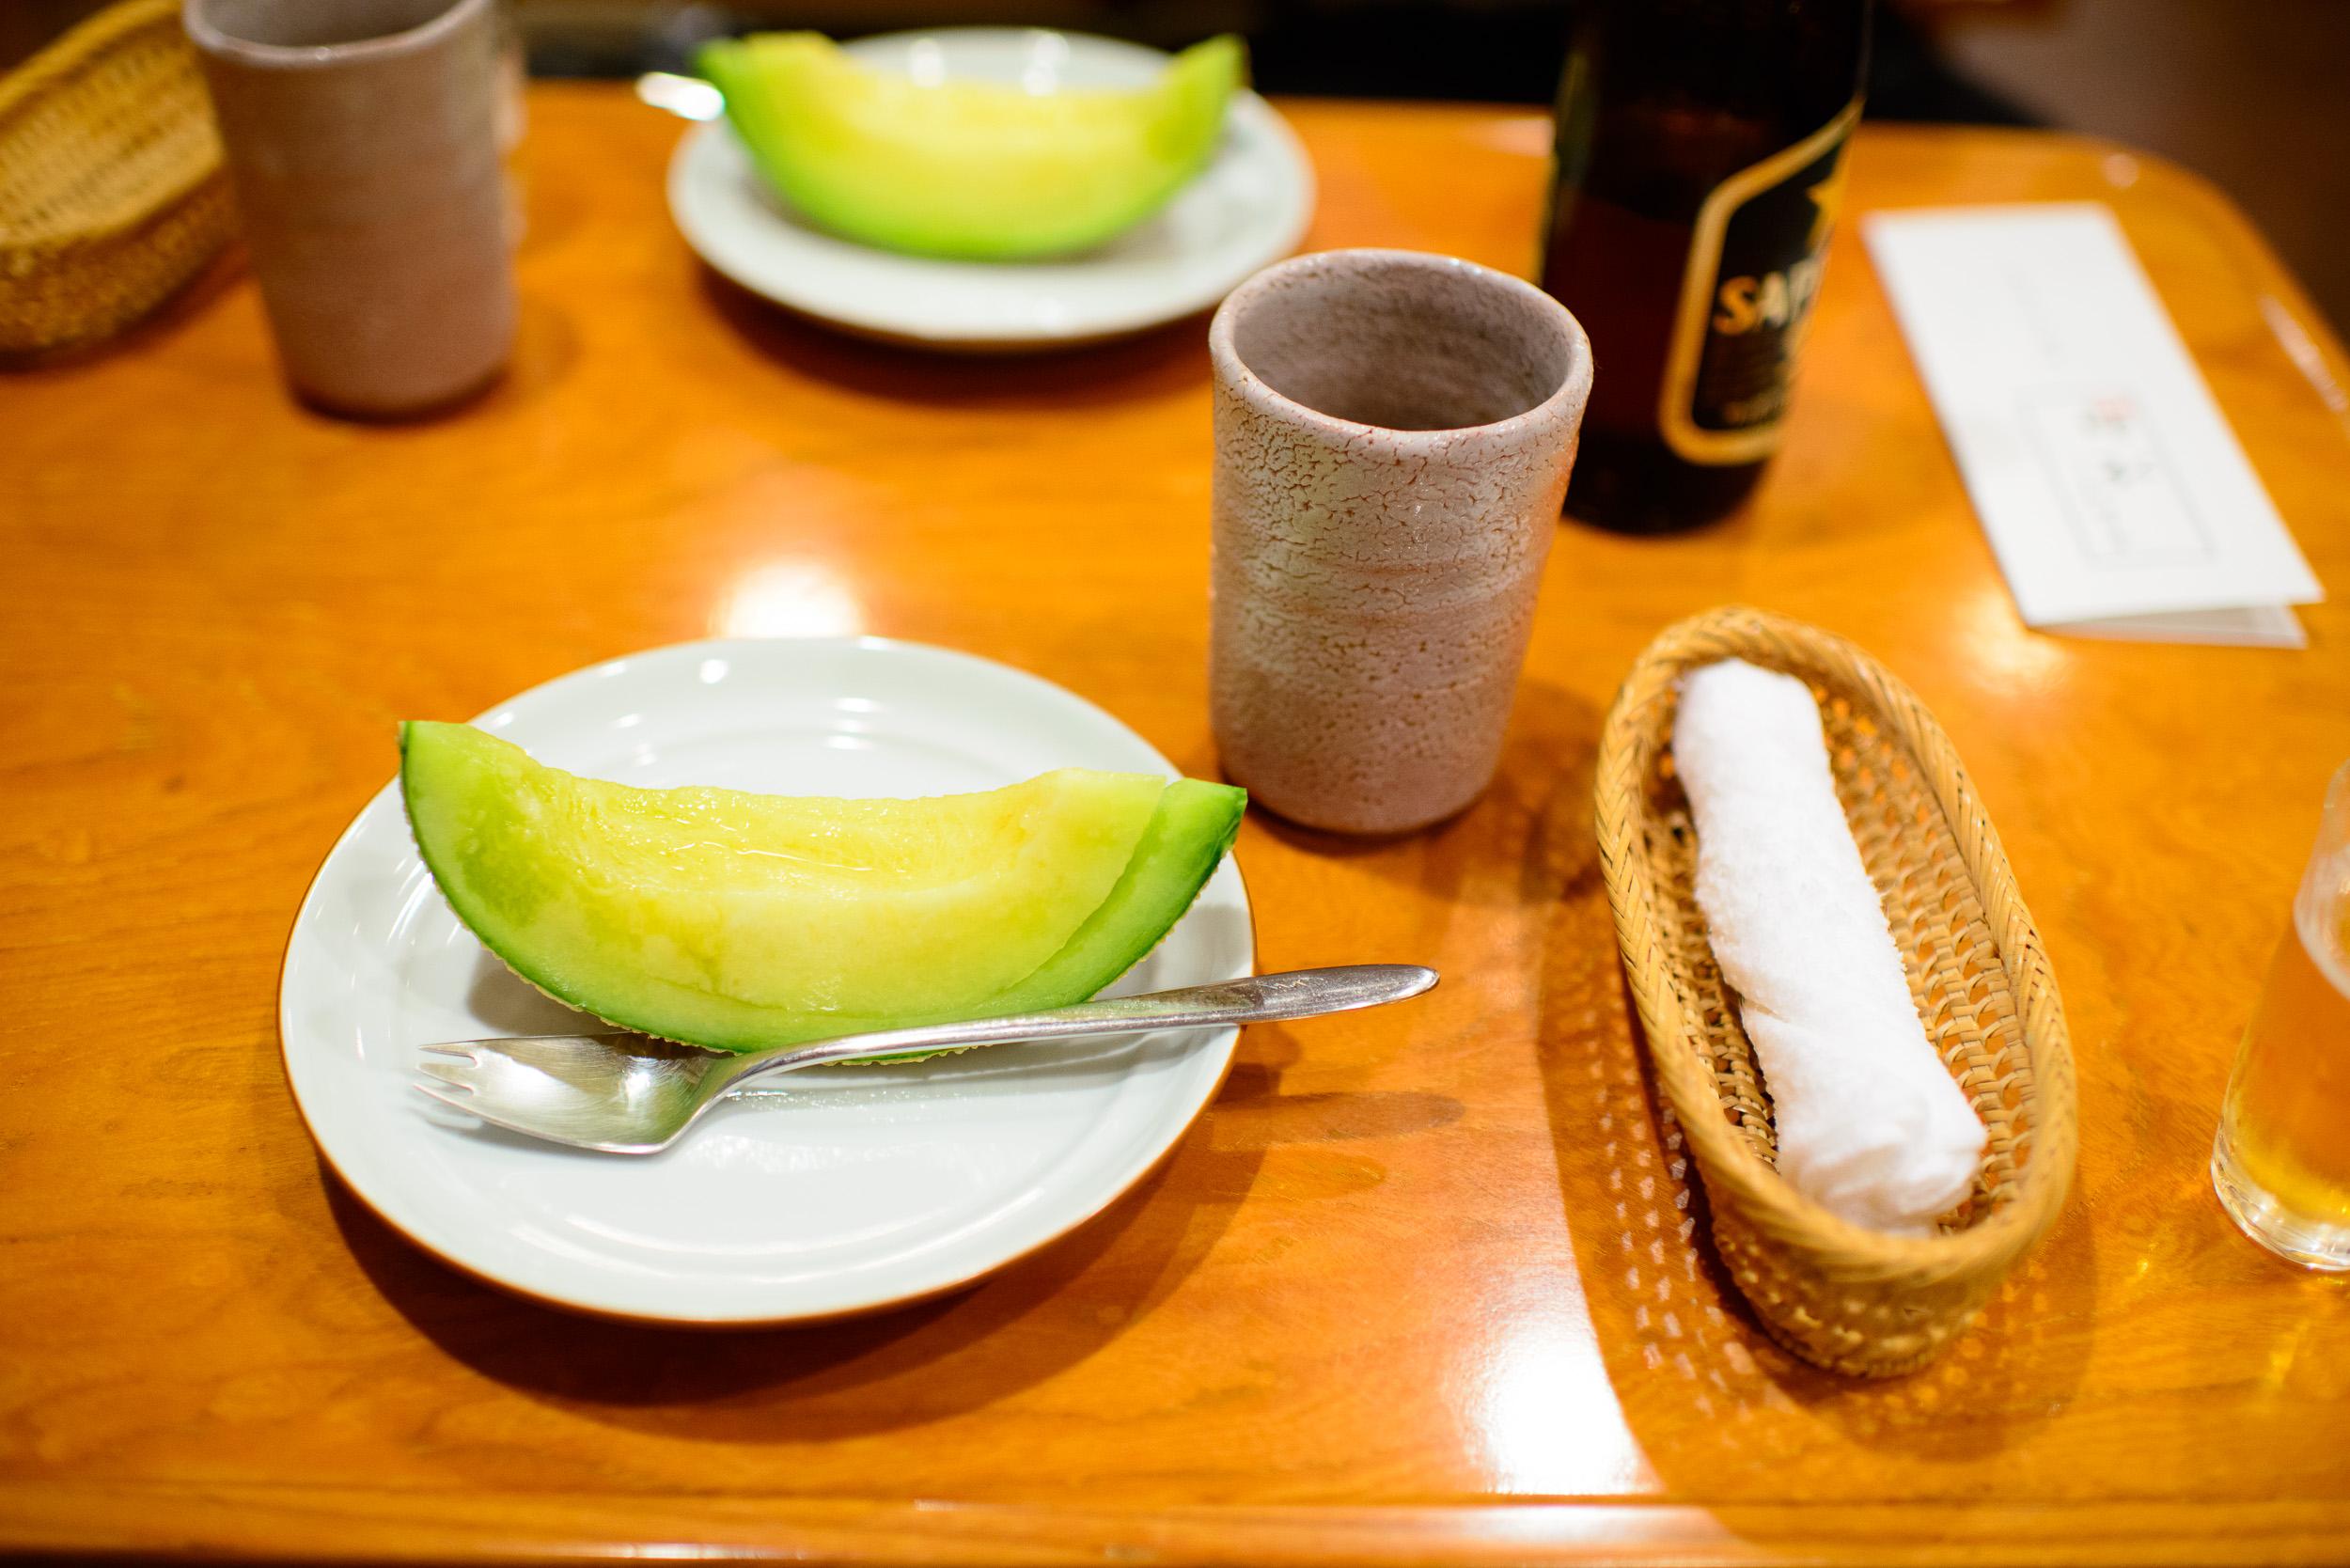 21st Course: Musk melon